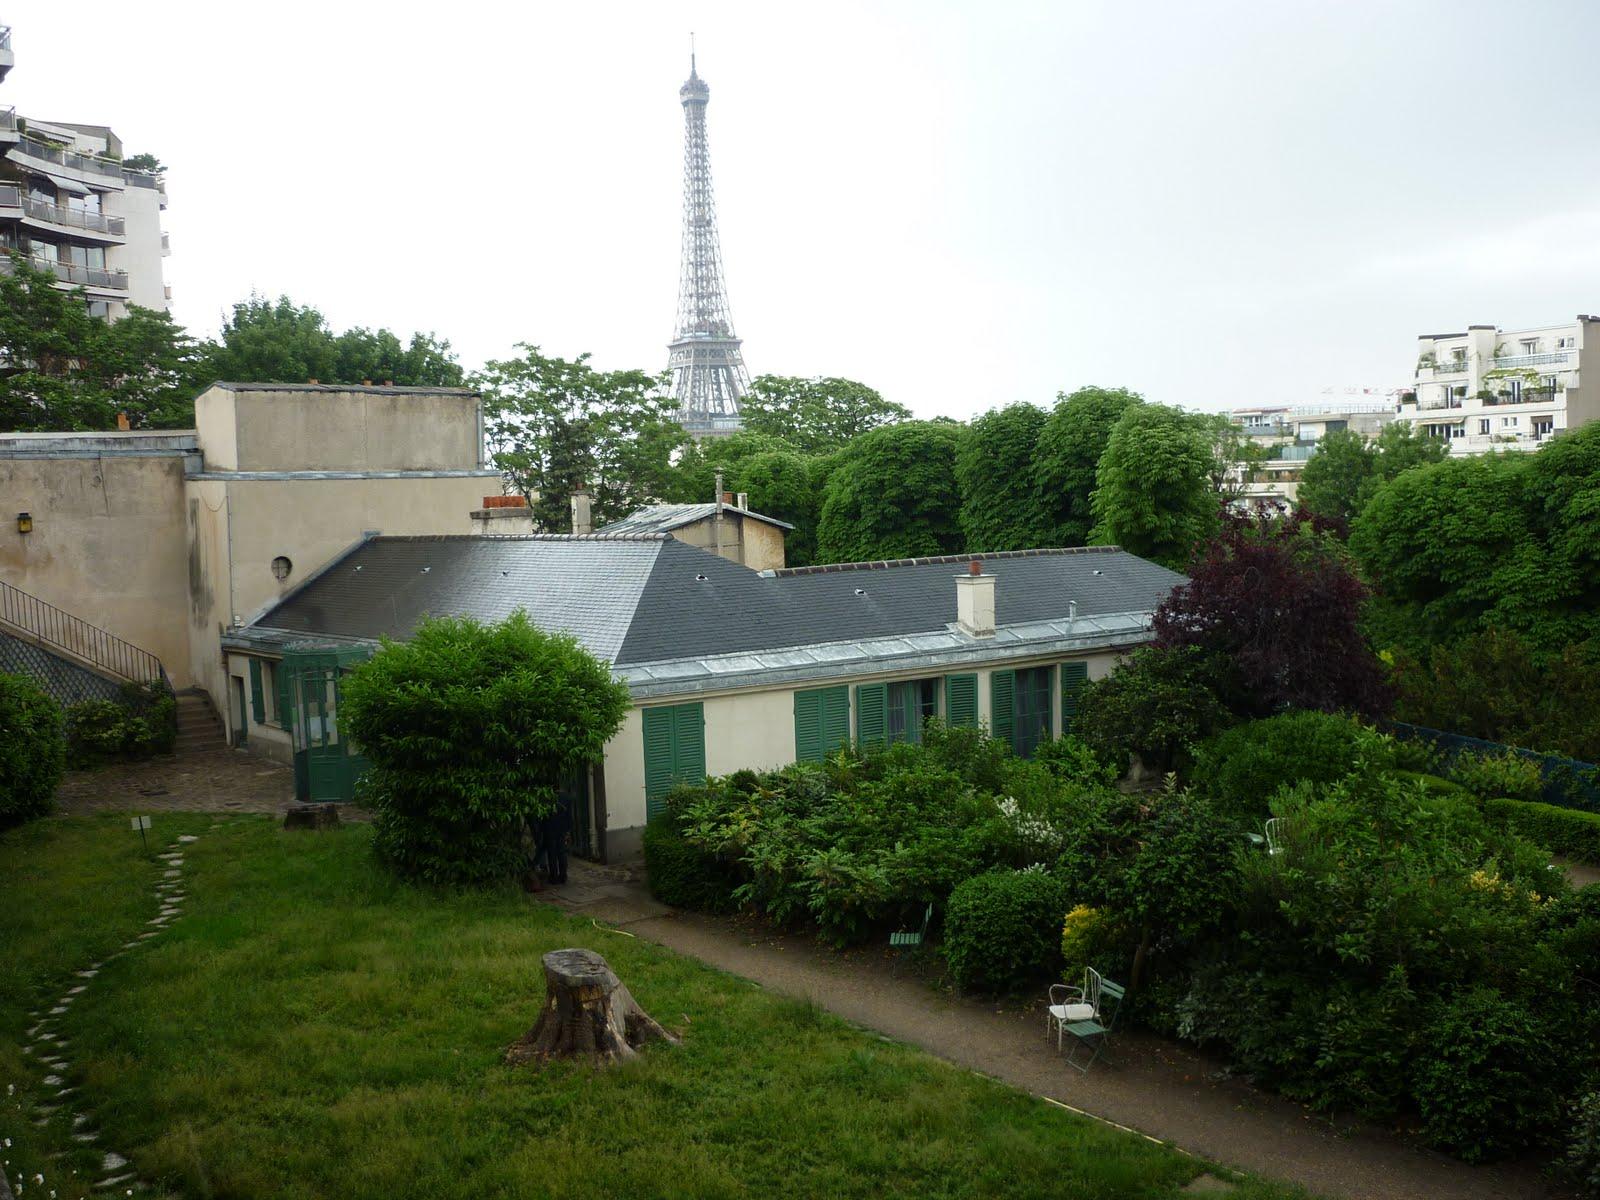 dr j j visite paris la maison de balzac. Black Bedroom Furniture Sets. Home Design Ideas